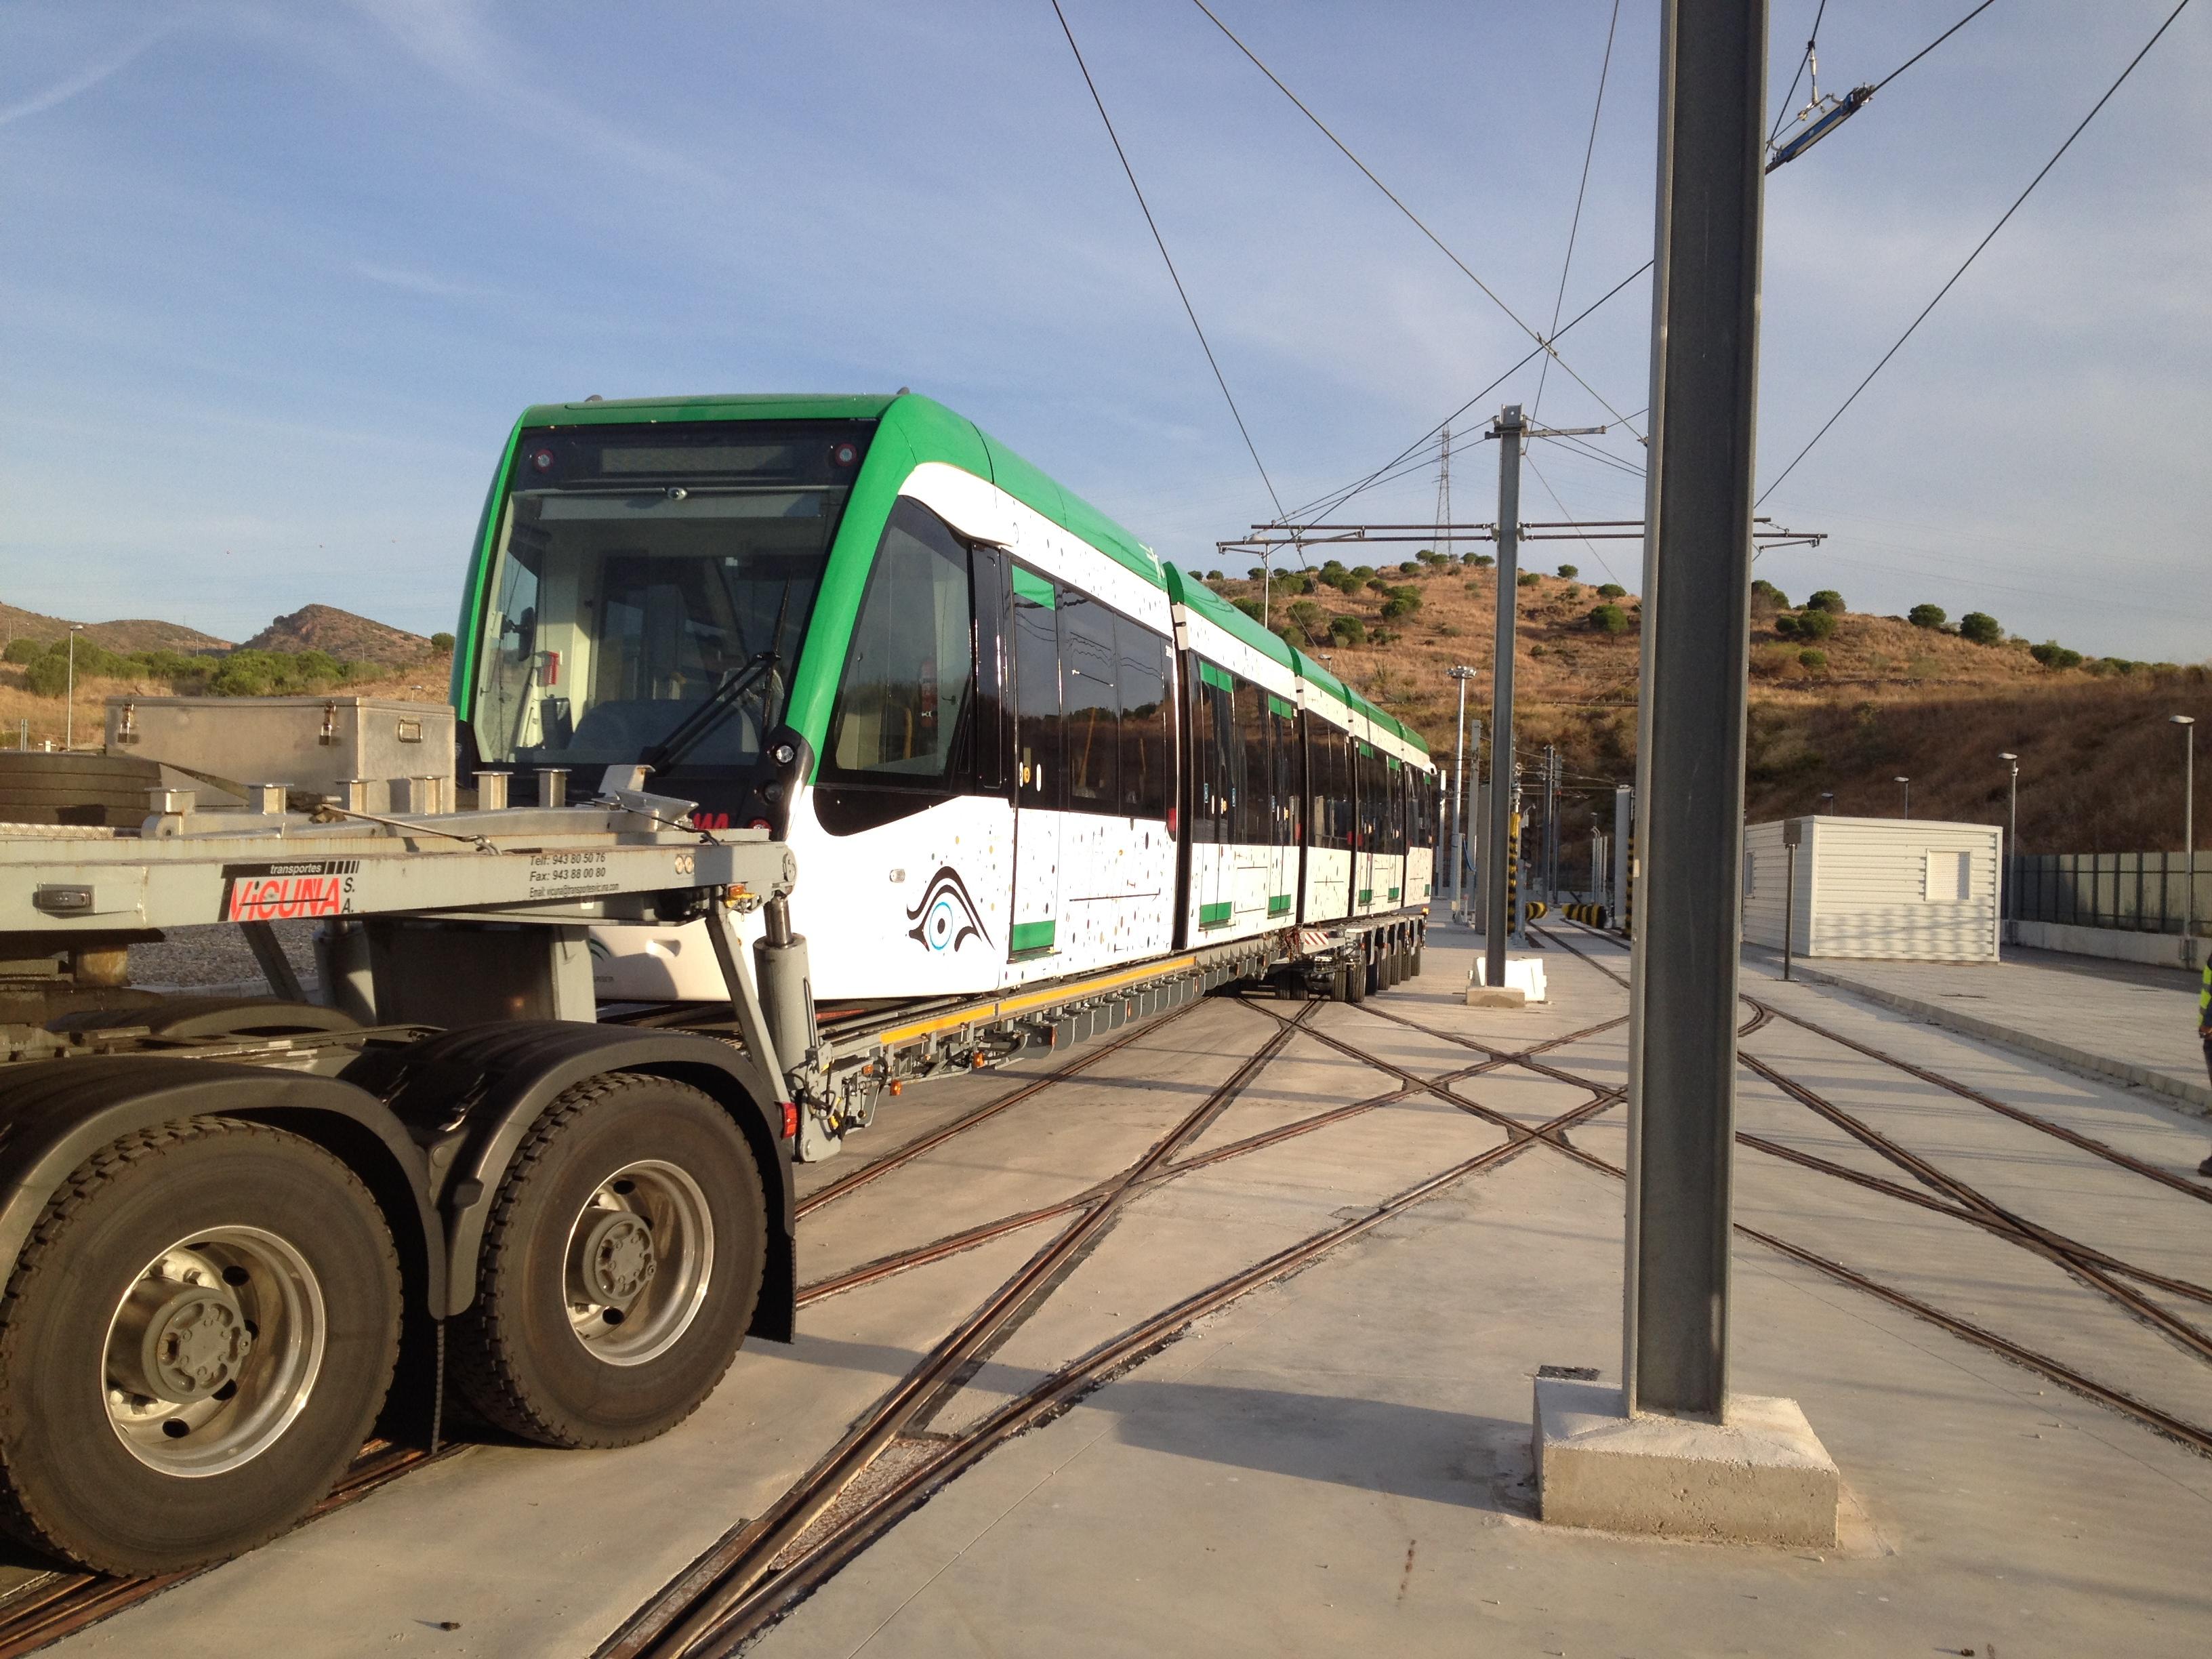 La novena unidad de metro de Málaga llegó a los talleres en este mes de octubre.